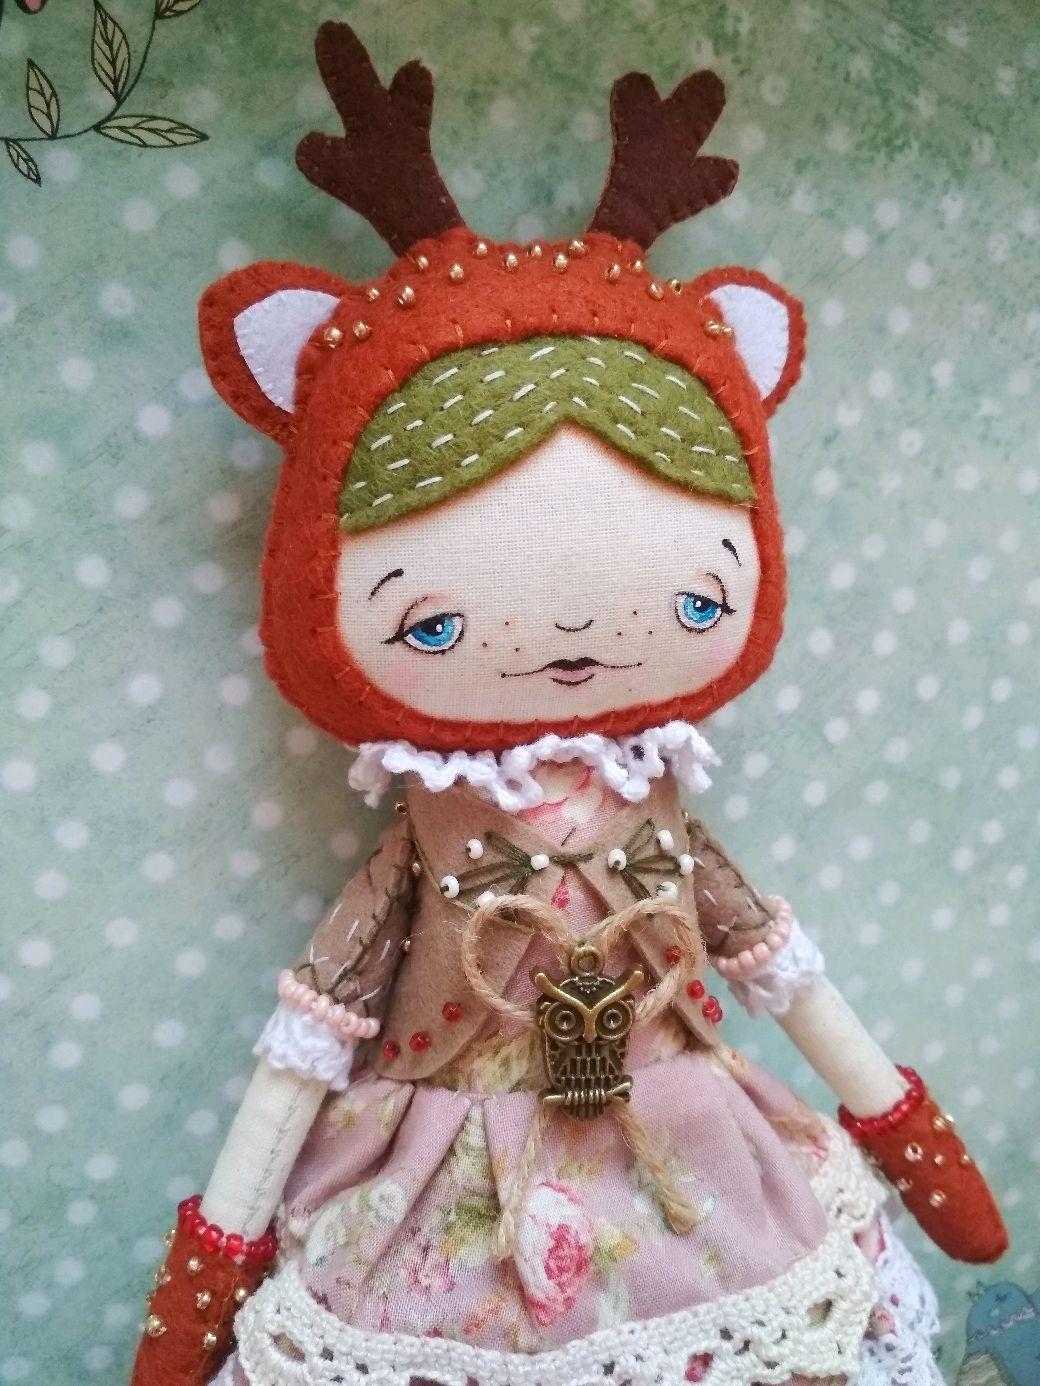 Кукла Олеша, Куклы и пупсы, Санкт-Петербург,  Фото №1